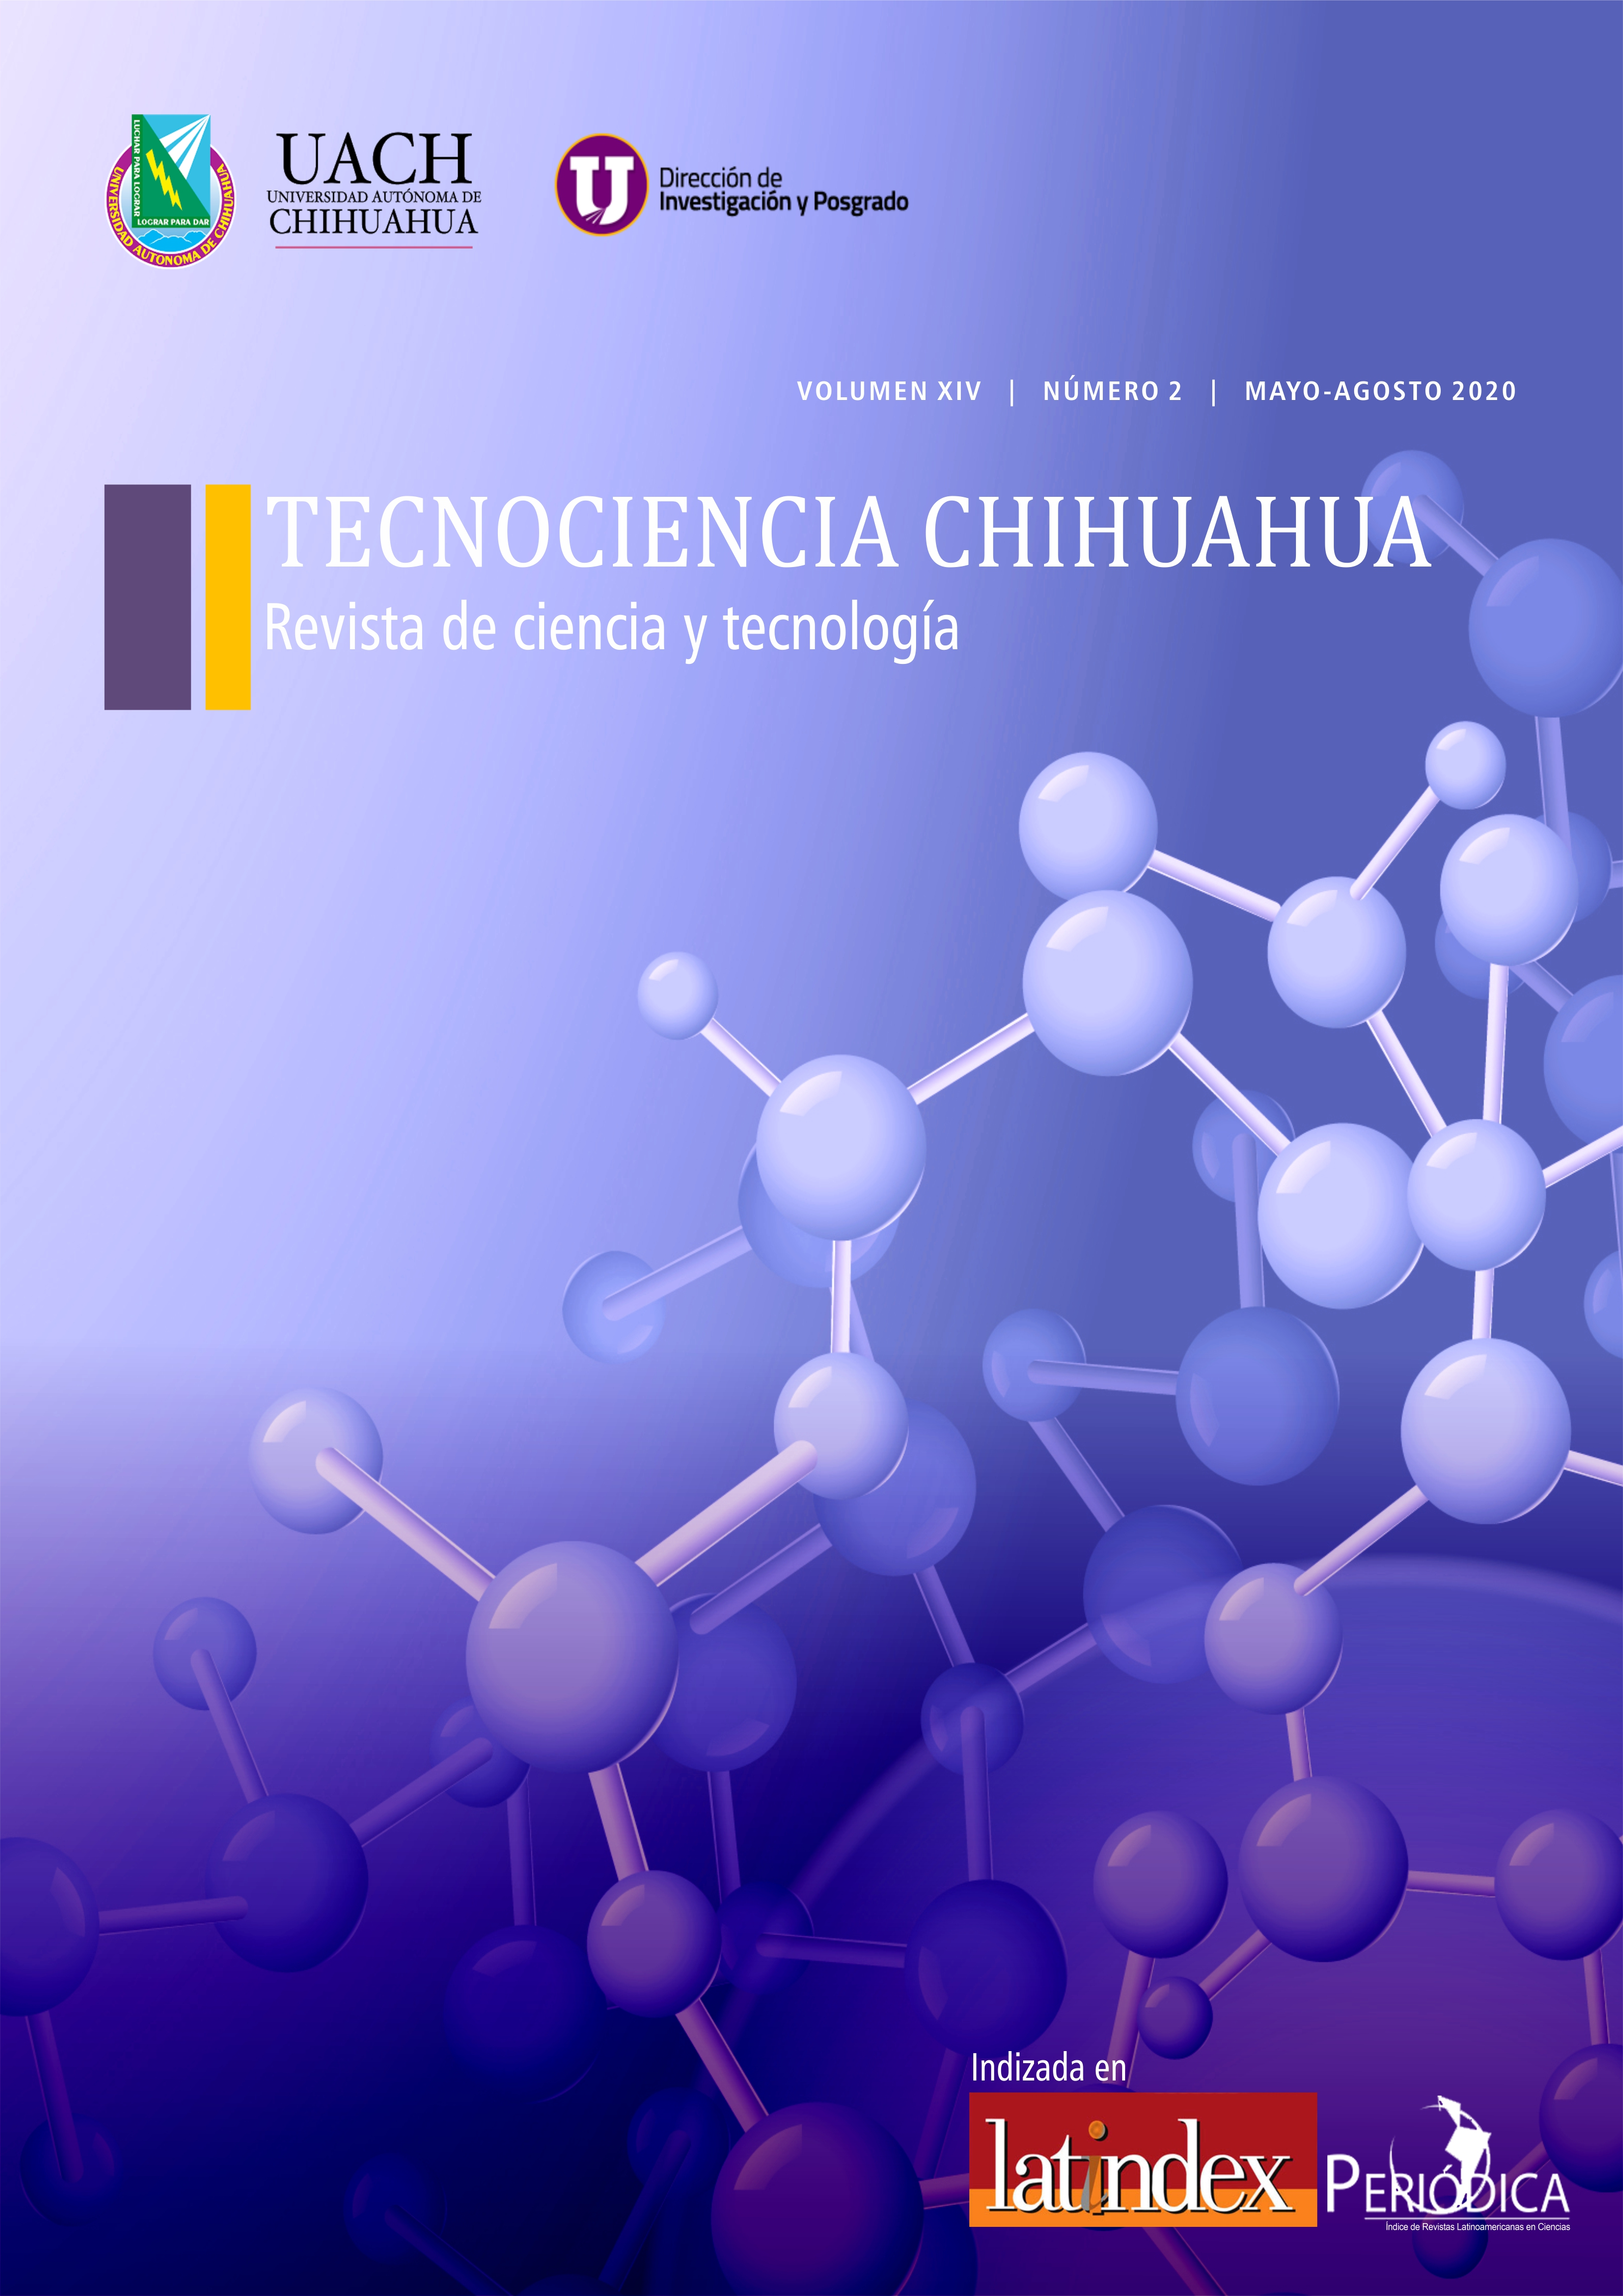 Portada de la revista TECNOCIENCIA CHIHUAHUA, Mayo, agosto 2020